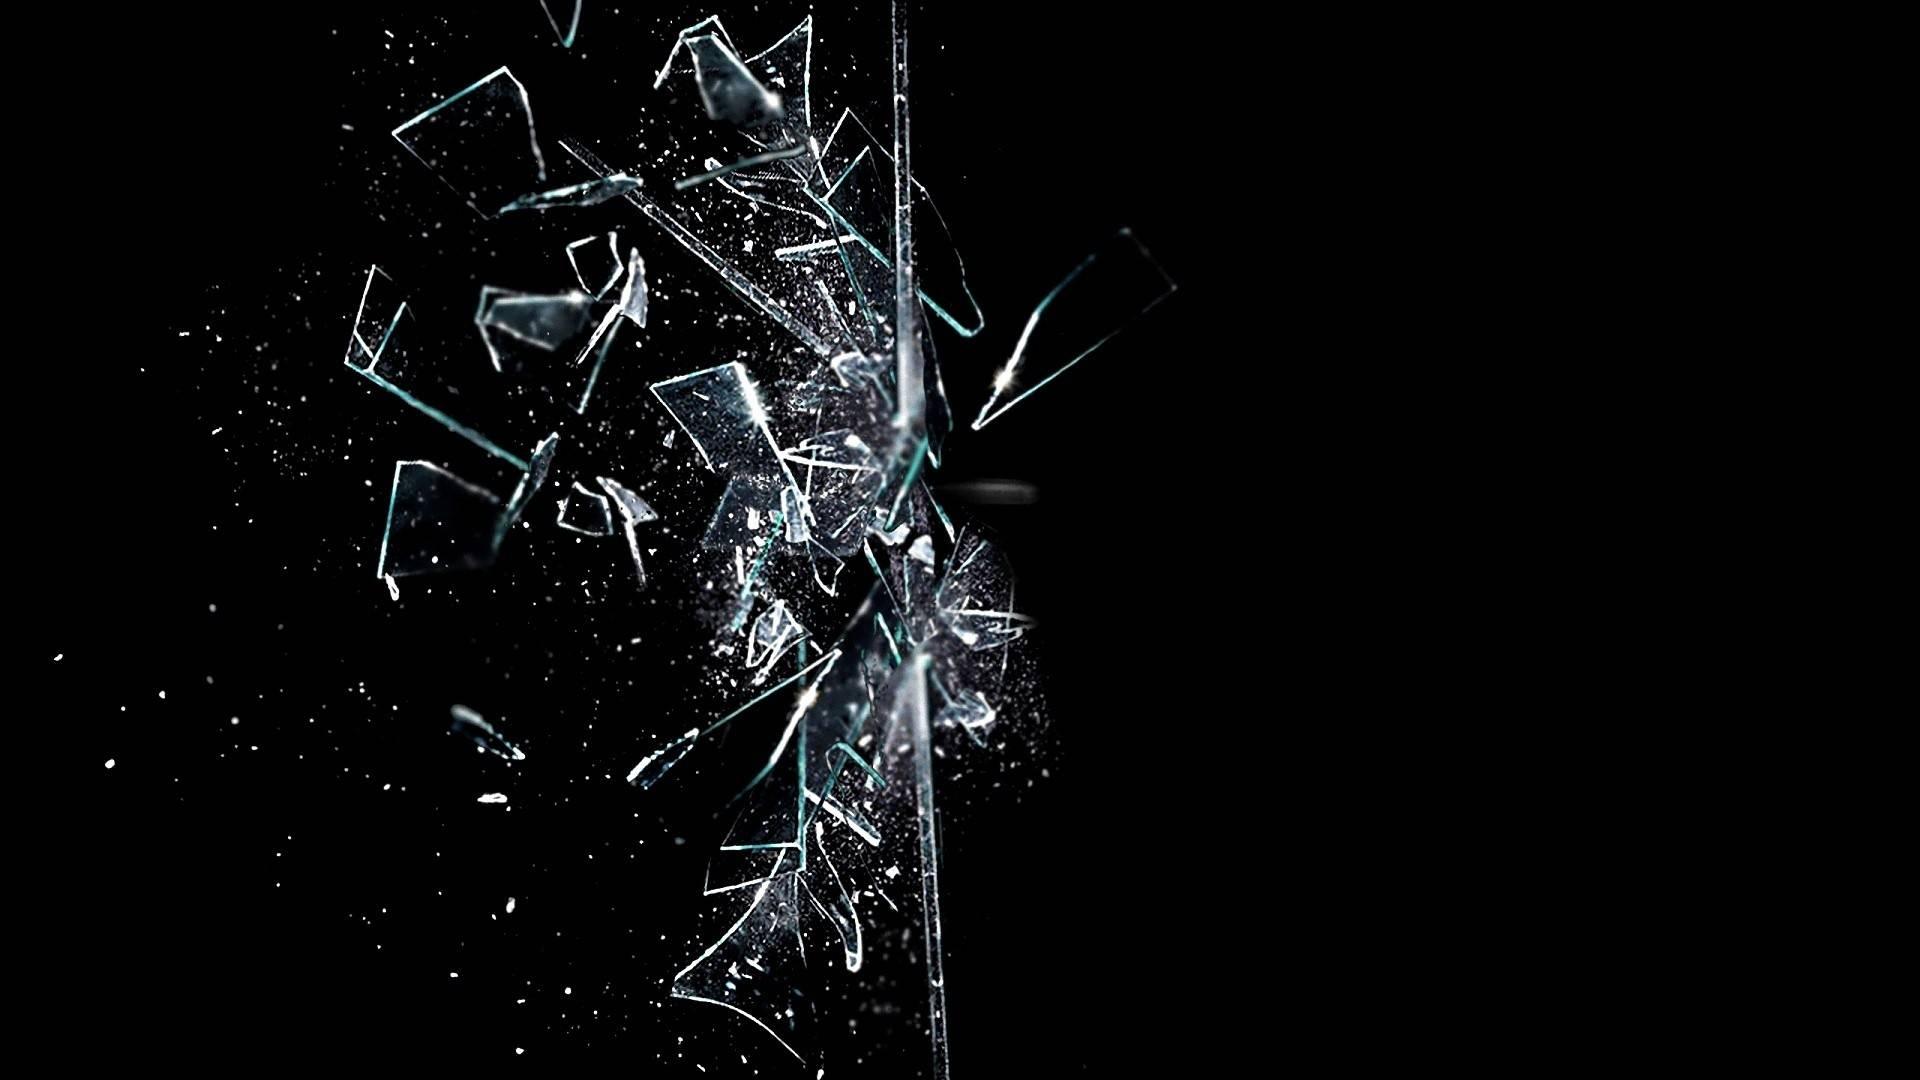 Broken Glass 19201080 Wallpaper 1712017 1920x1080